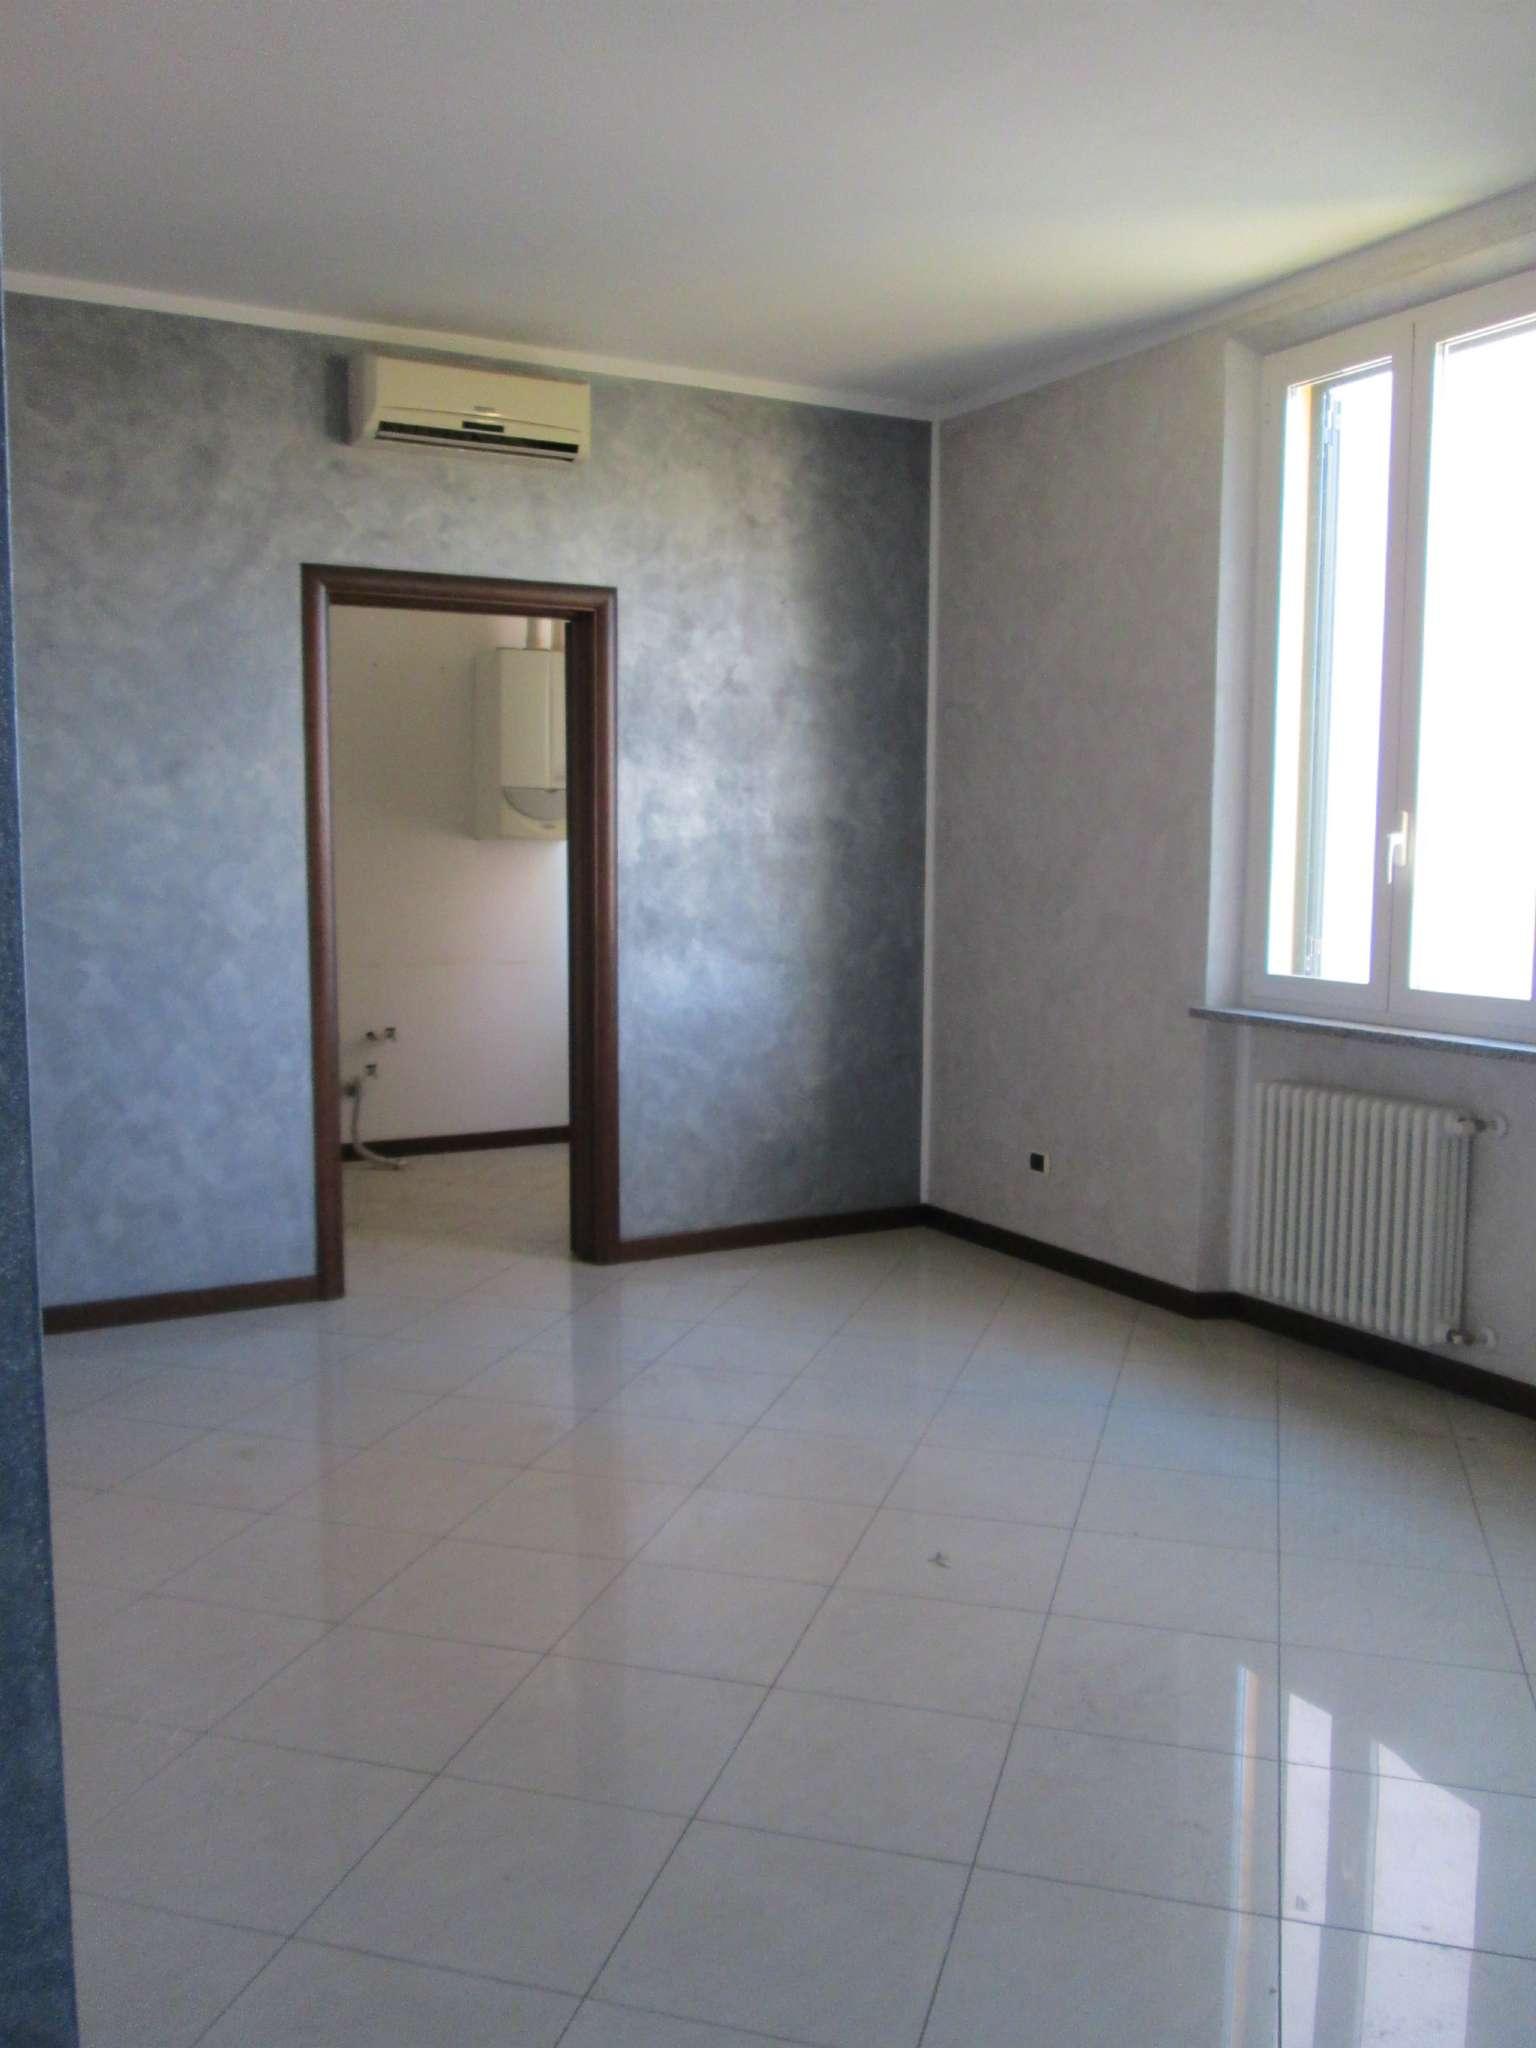 Appartamento in affitto a Fornovo di Taro, 2 locali, prezzo € 450 | Cambio Casa.it